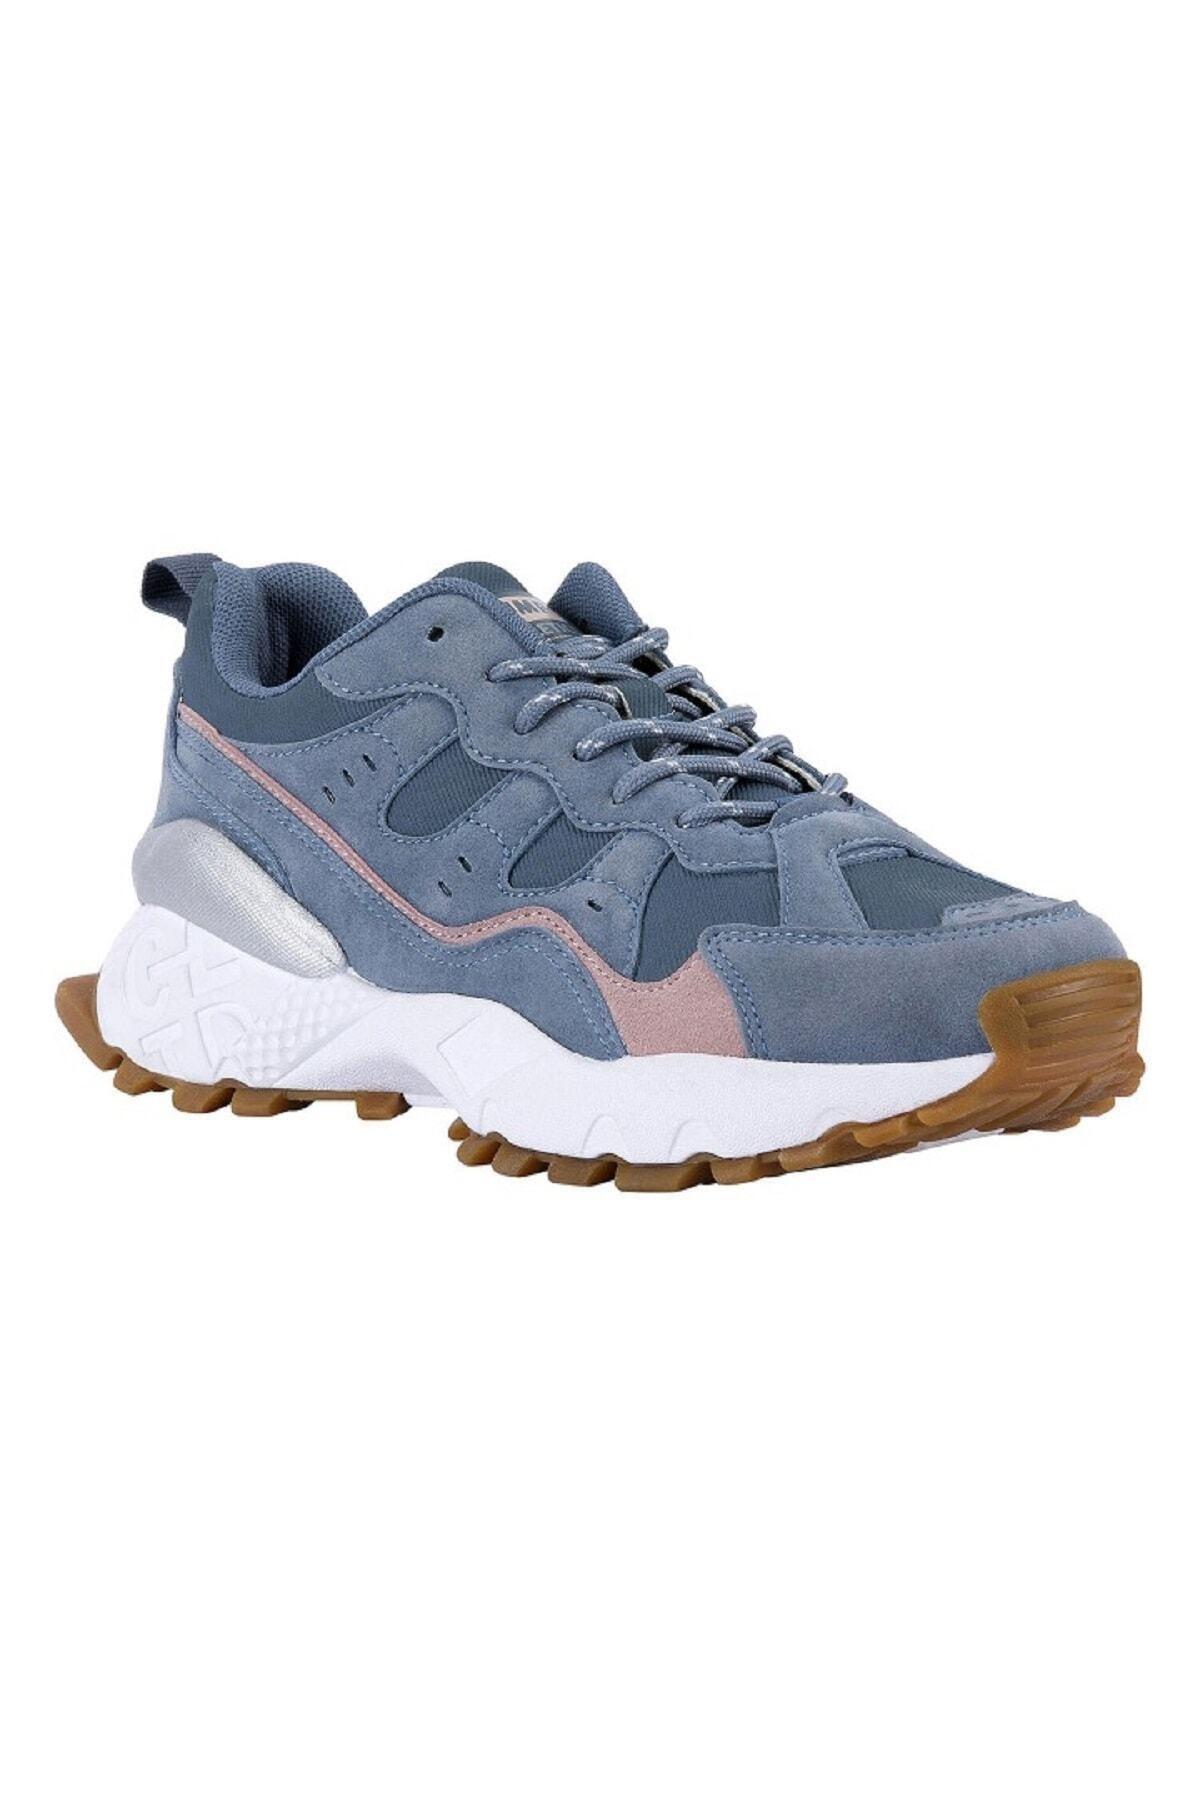 Jump 25760 Kadın Outdoor Spor Ayakkabı Mavi 2